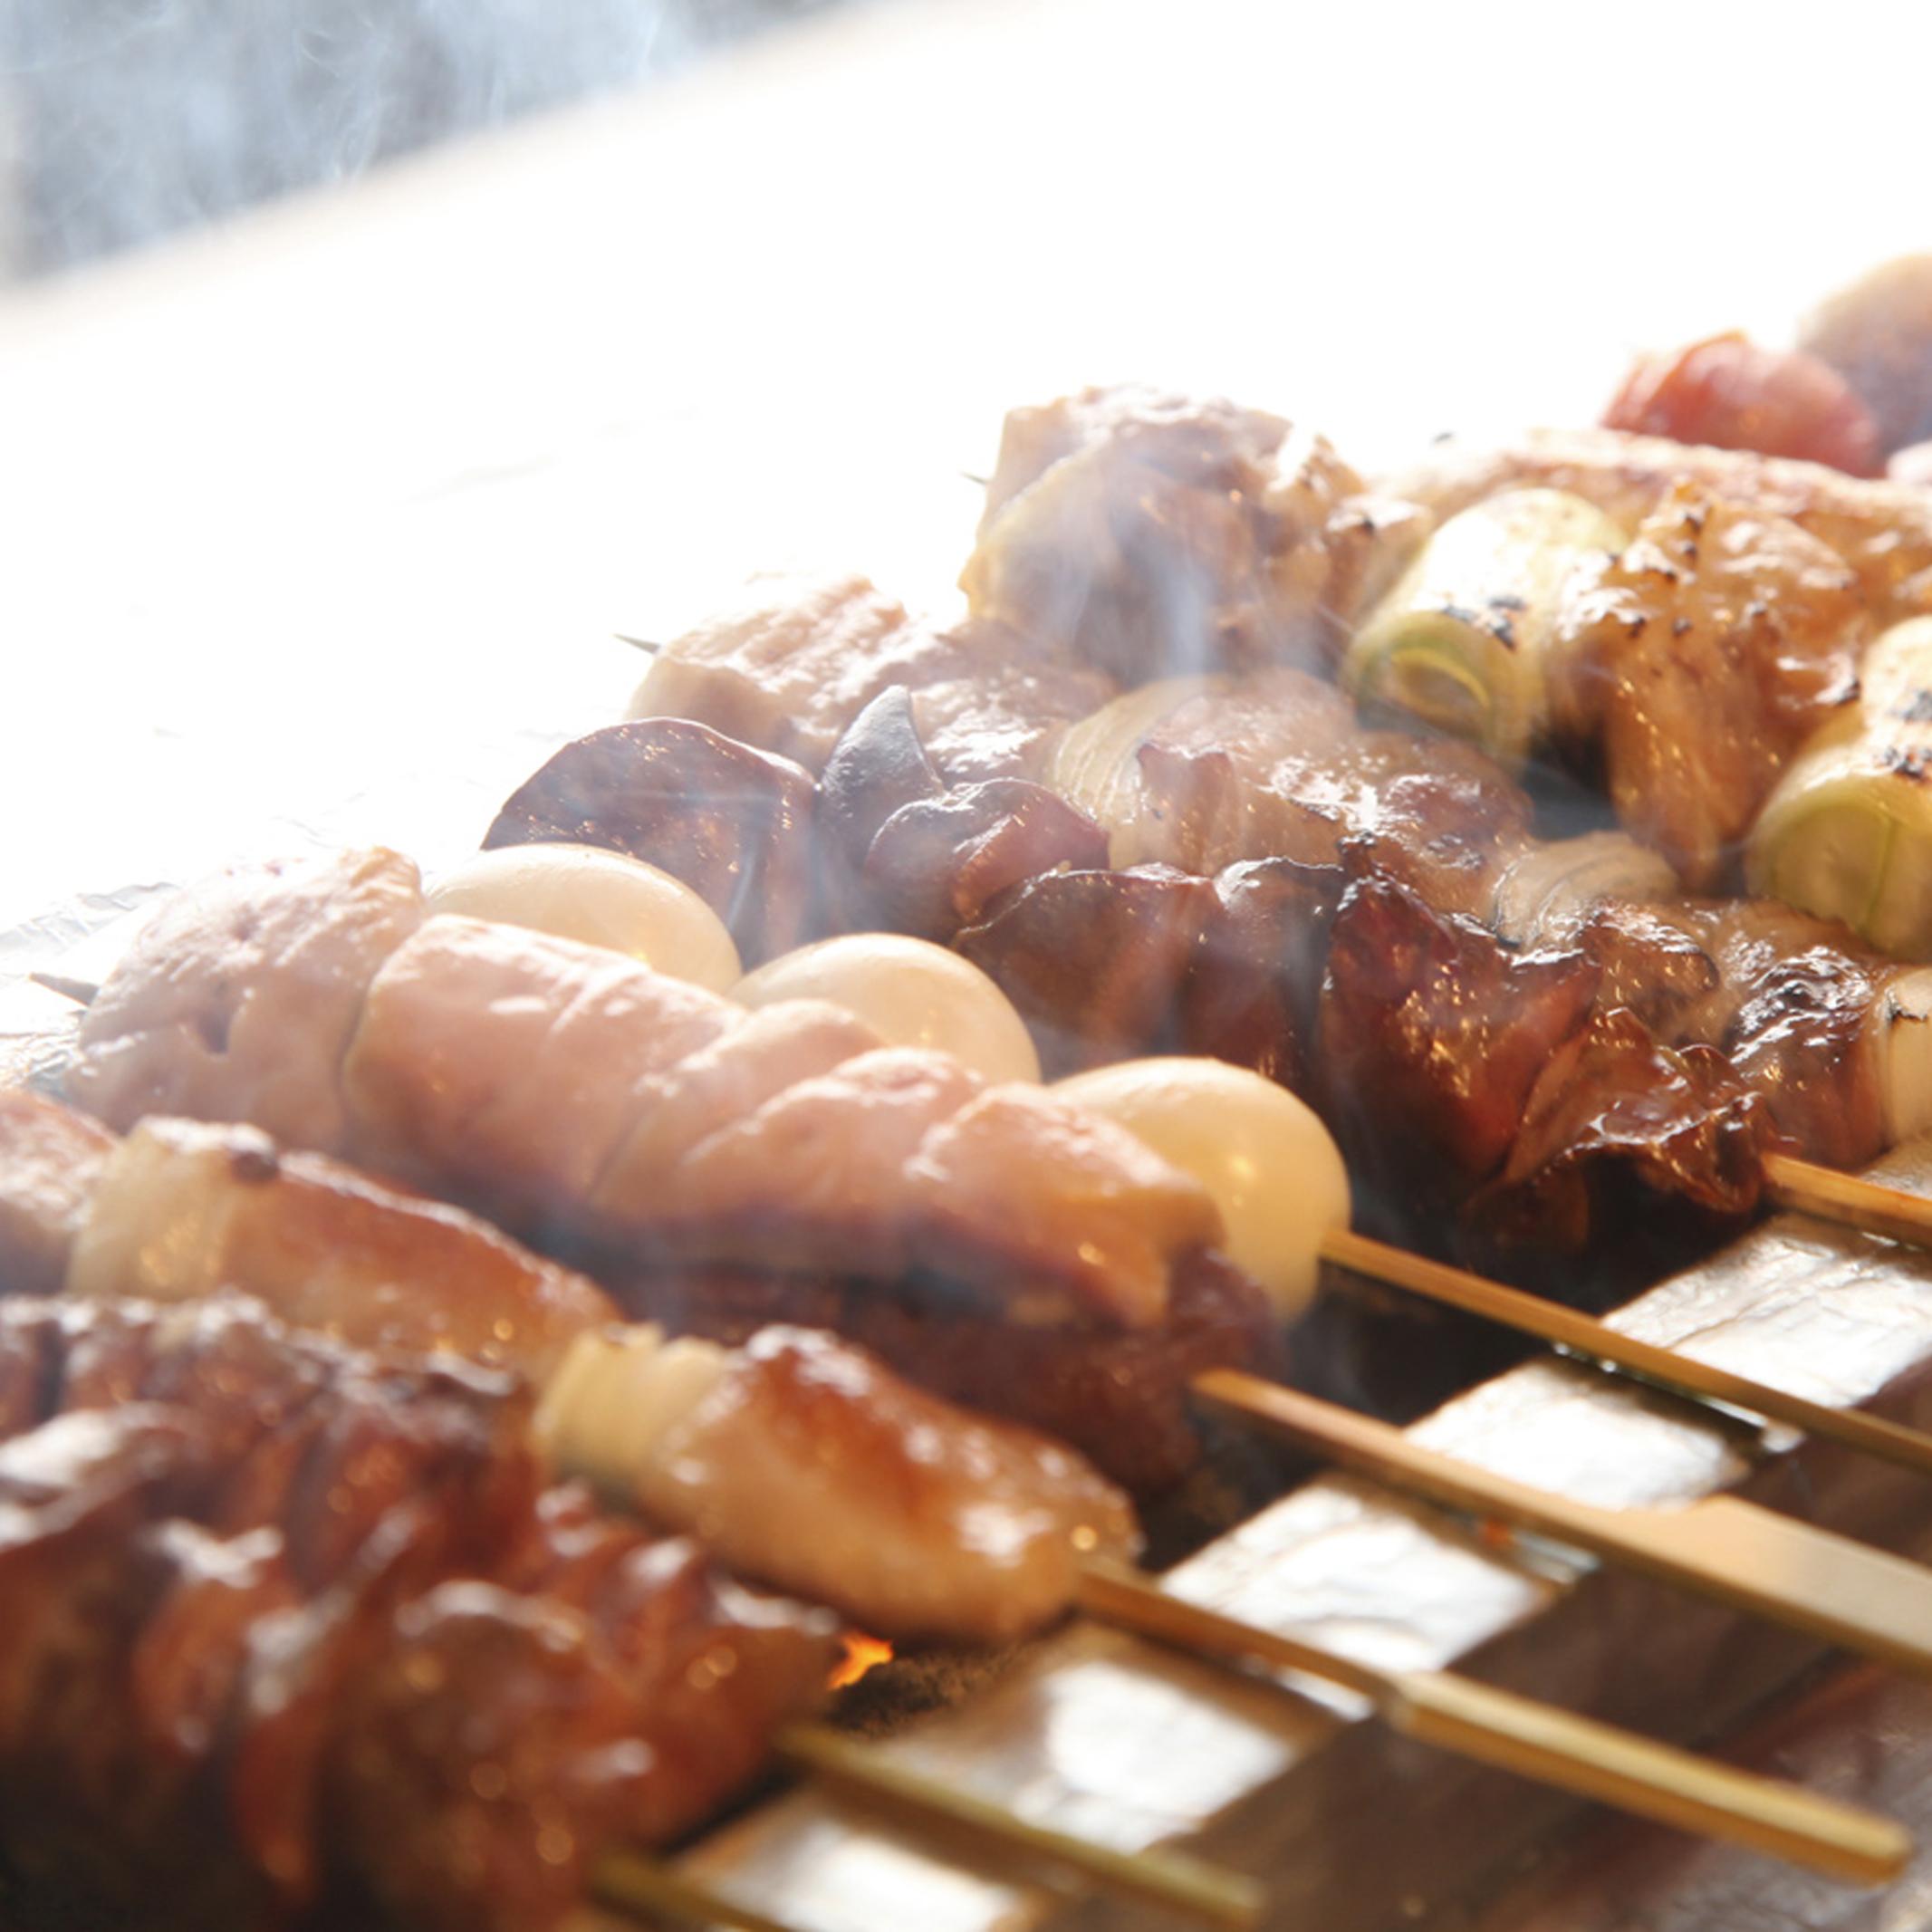 [お料理のみ] 【お食事に】自慢の炭火焼き鳥と濃厚白濁水炊きなど9品